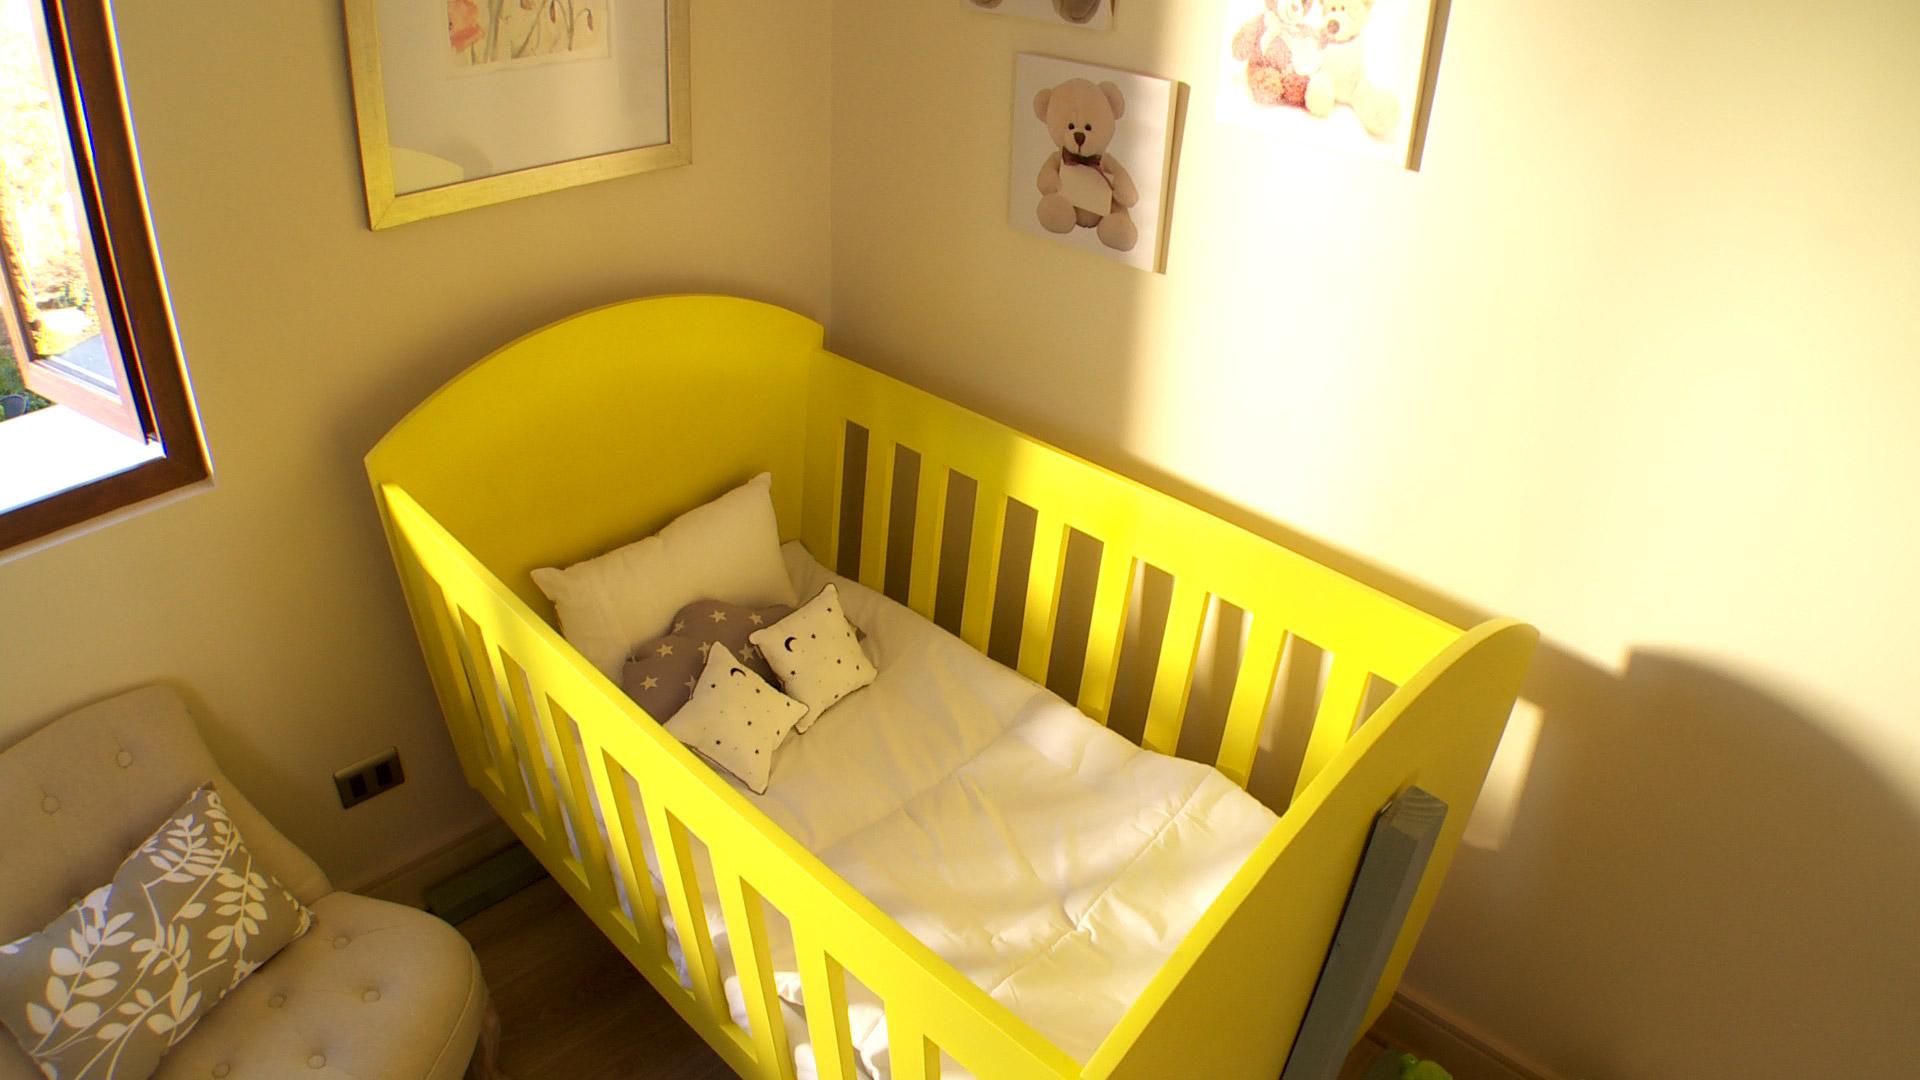 H galo usted mismo c mo hacer una cuna mecedora for Como hacer una cama japonesa paso a paso